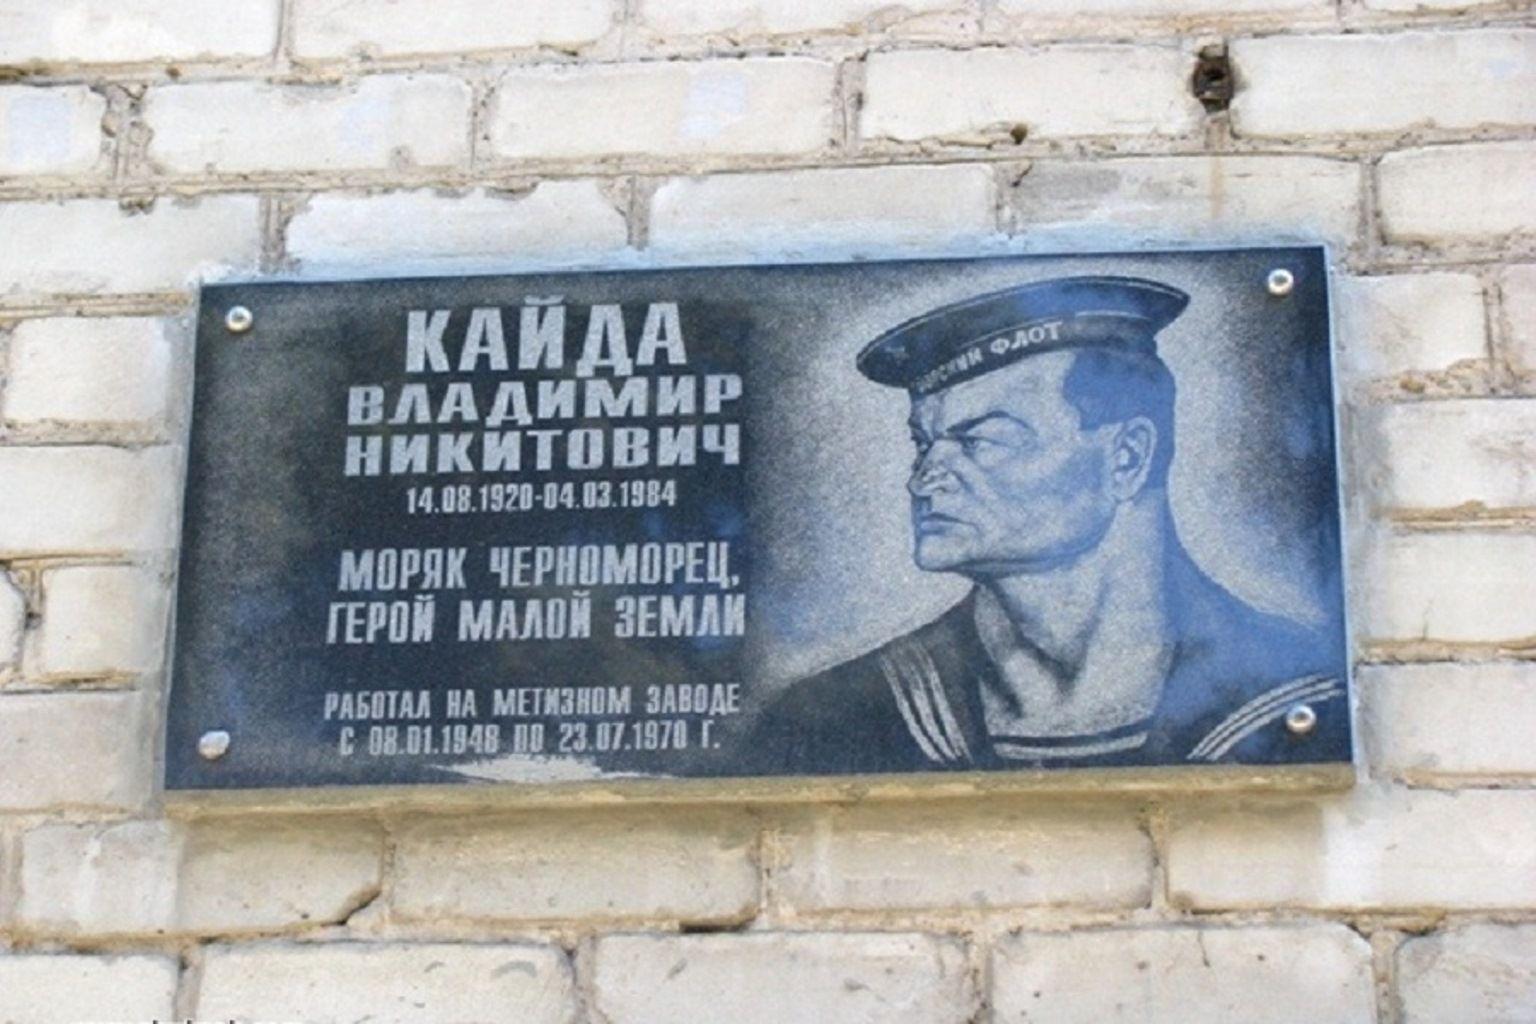 Владимир Кайда